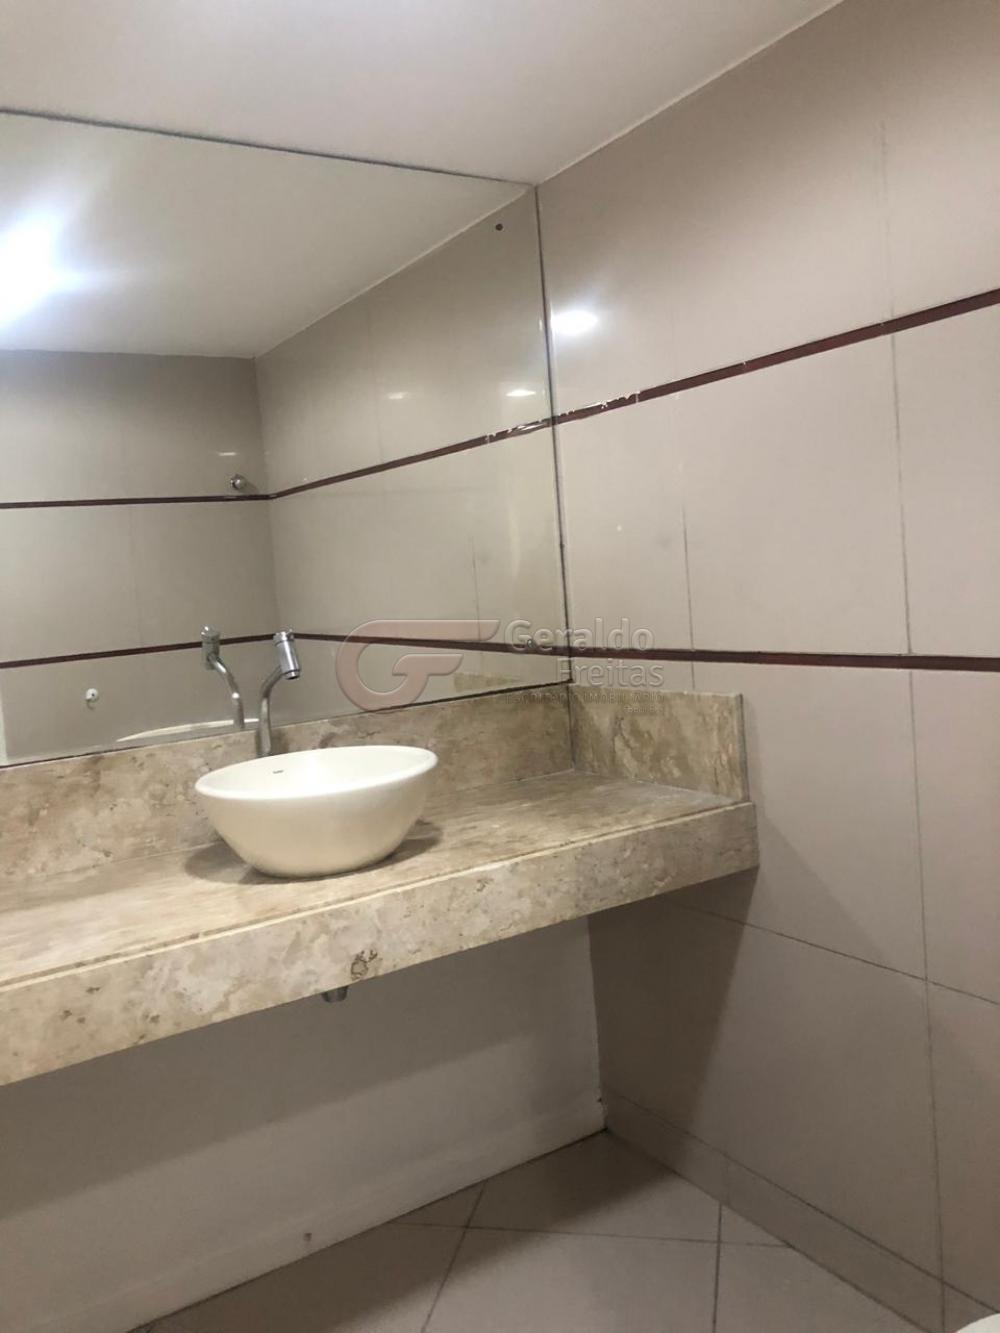 Alugar Comerciais / Prédio em Maceió apenas R$ 20.000,00 - Foto 12